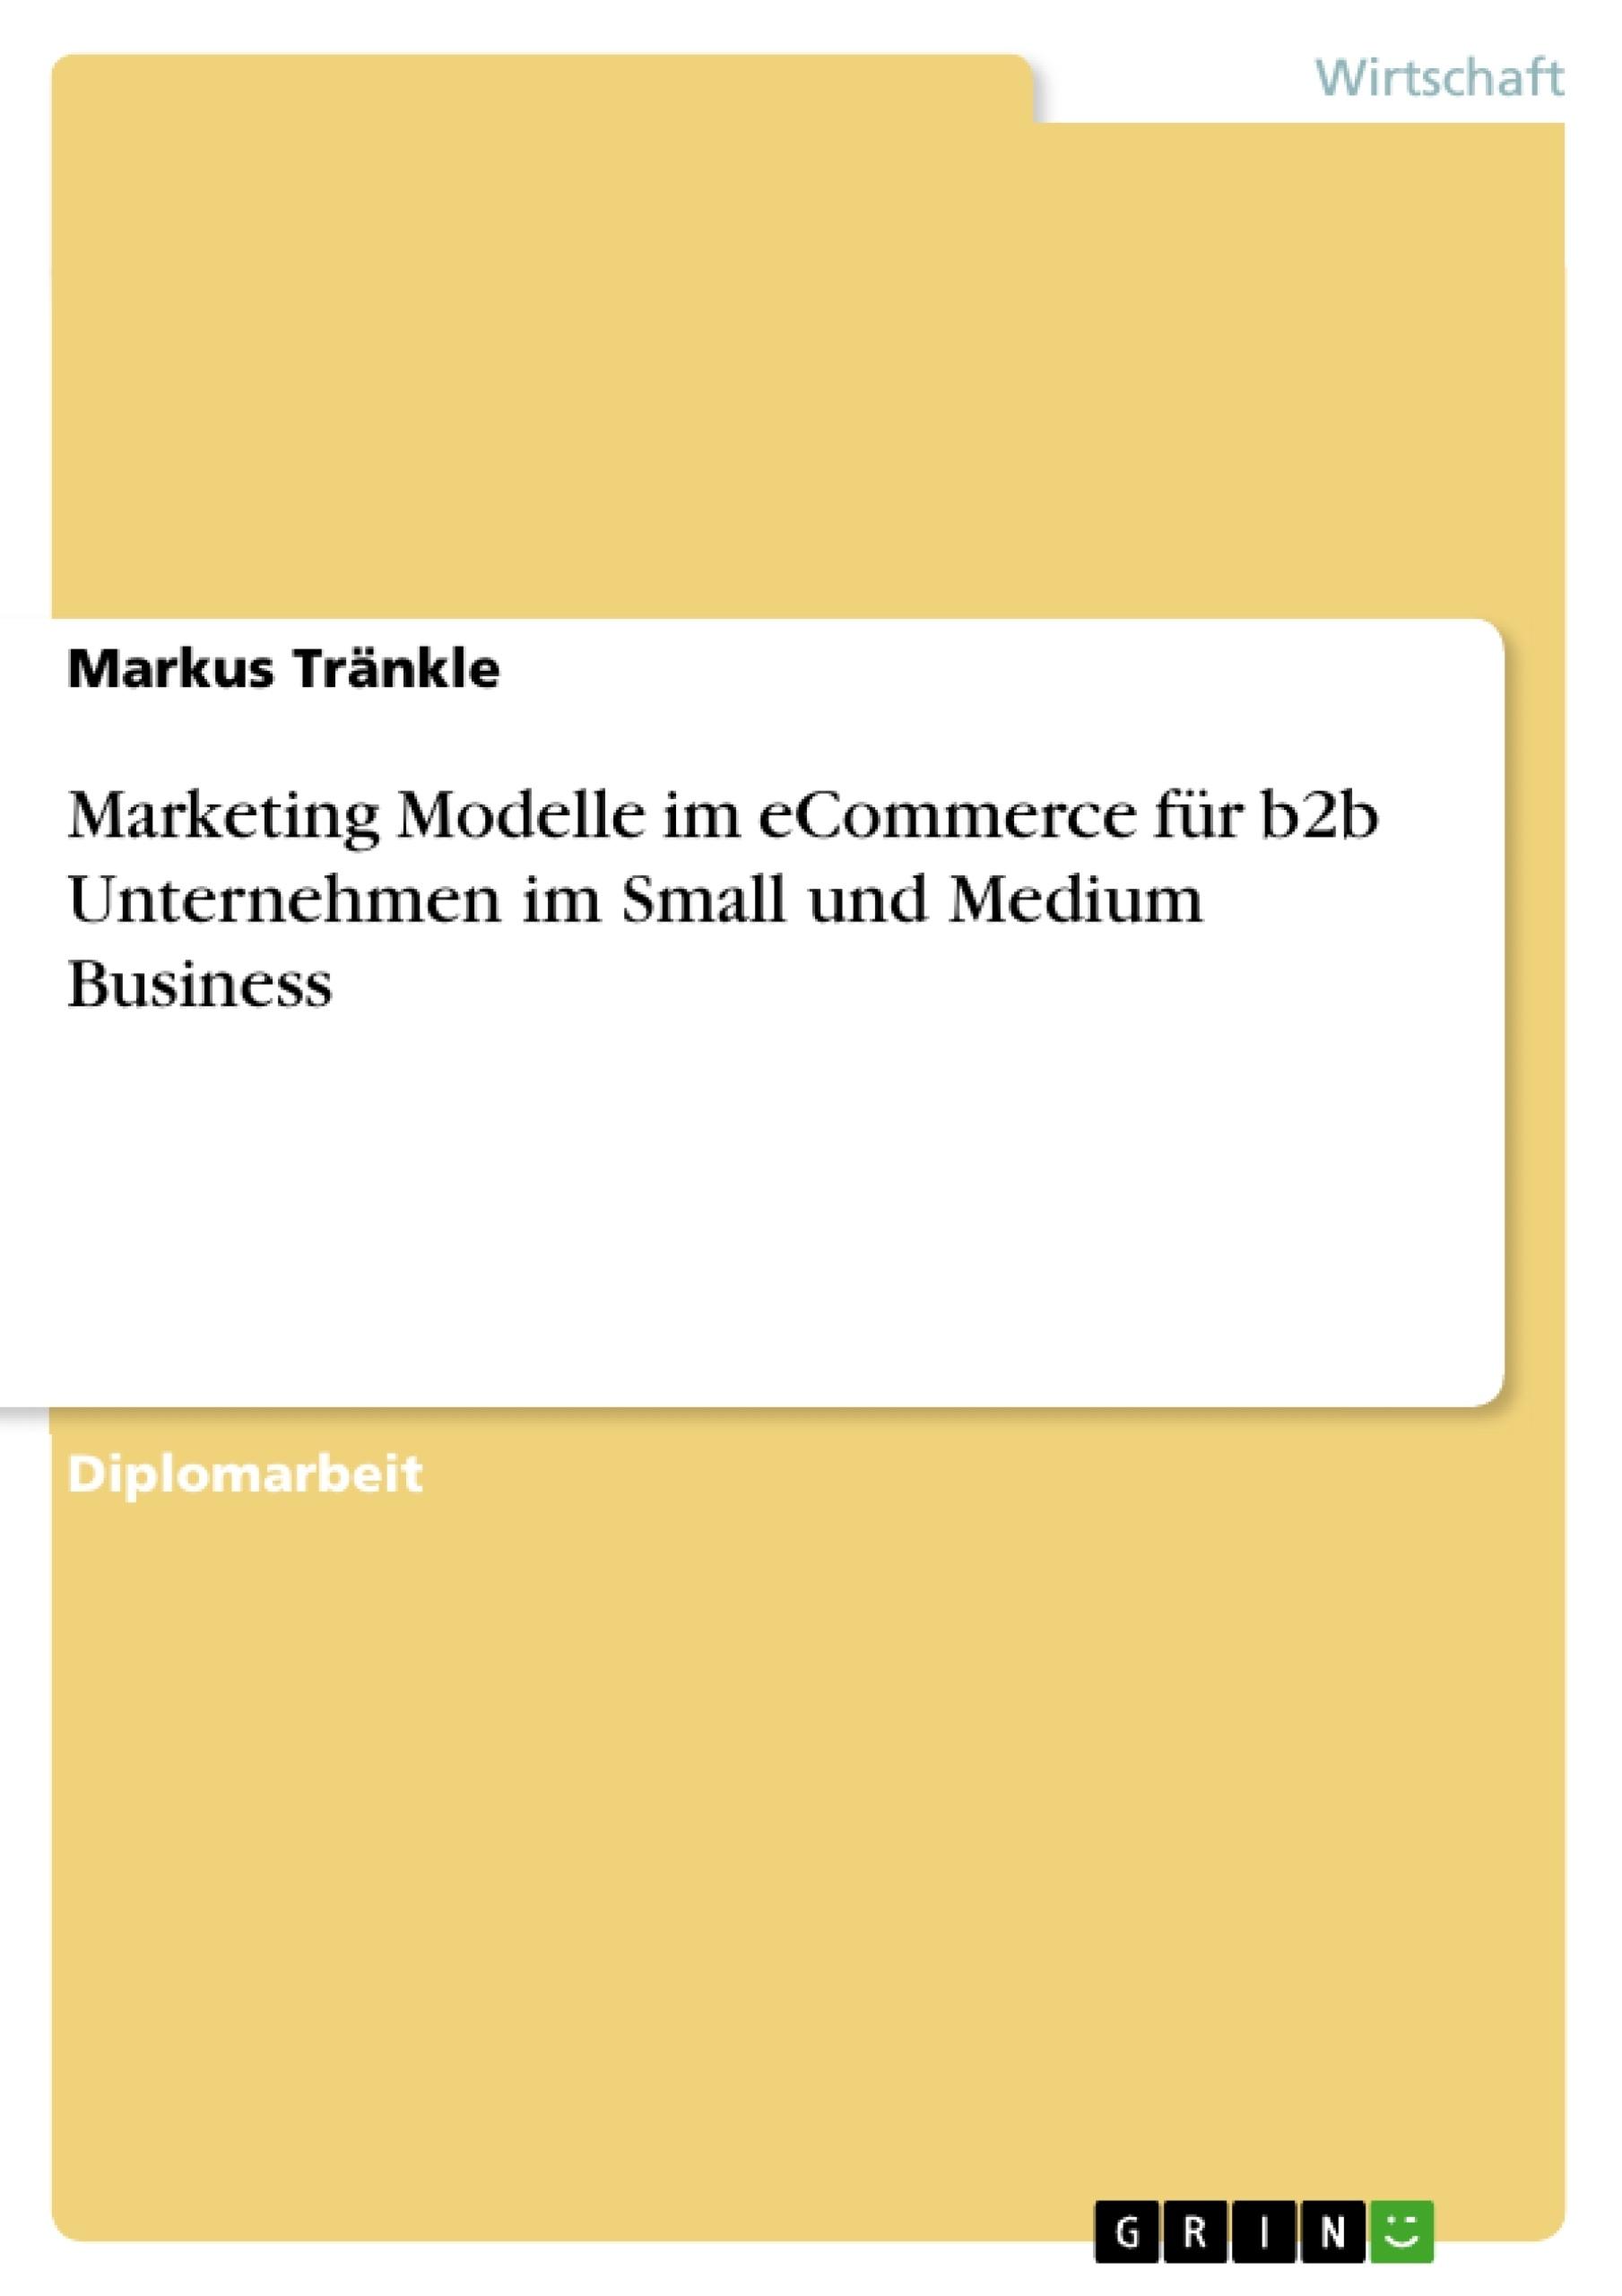 Titel: Marketing Modelle im eCommerce für b2b Unternehmen im Small und Medium Business